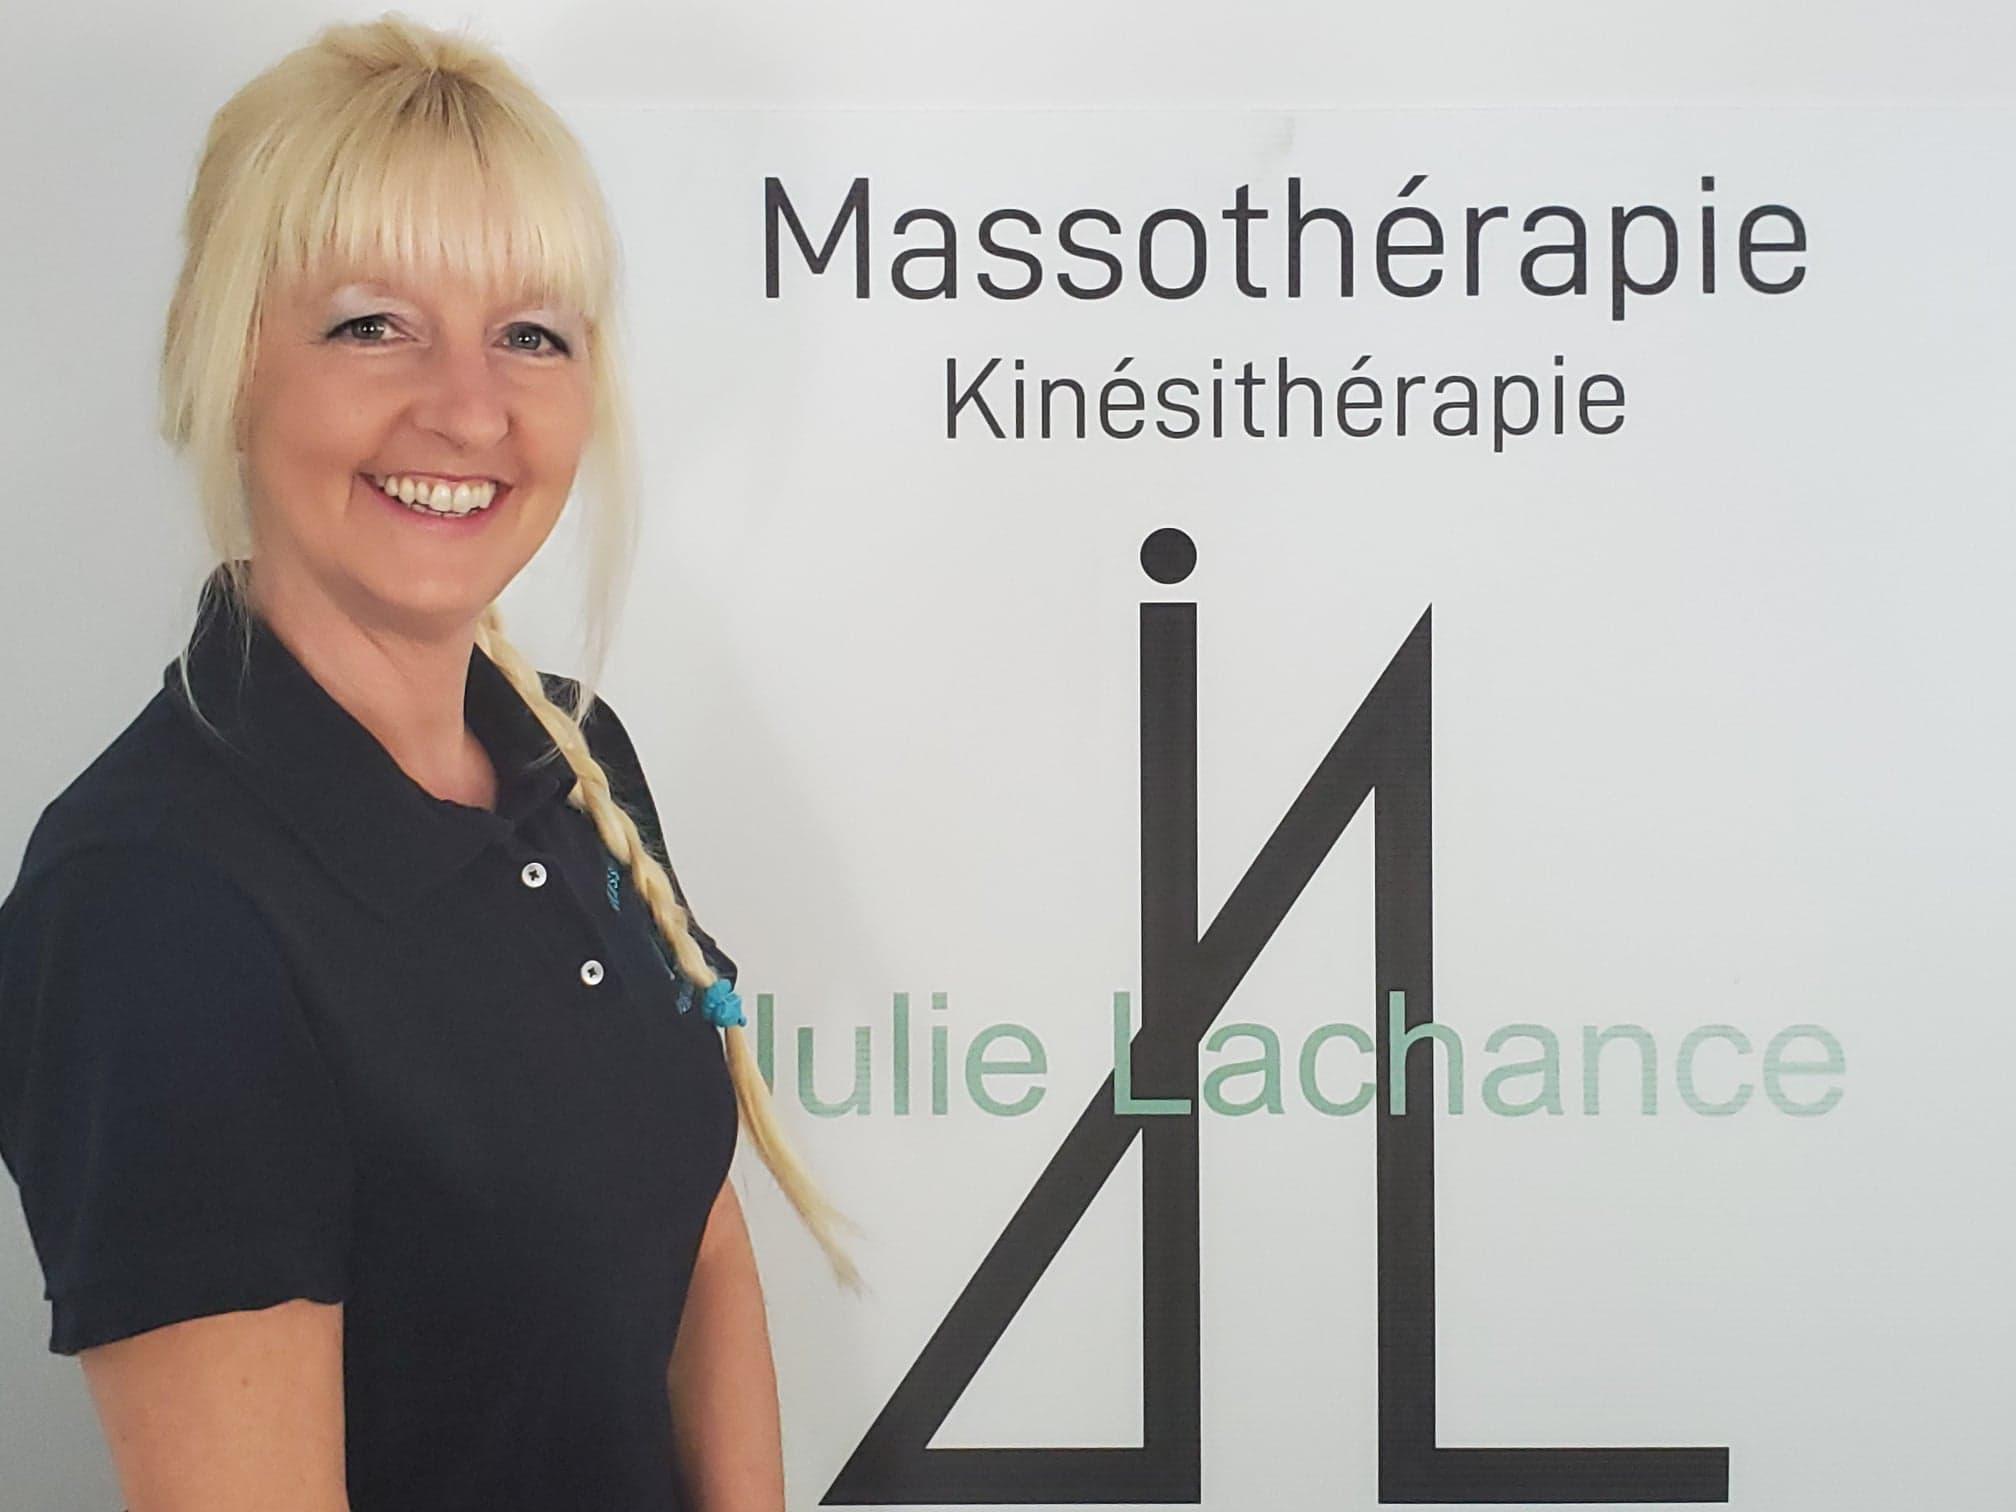 Julie Lachance - Massothérapie